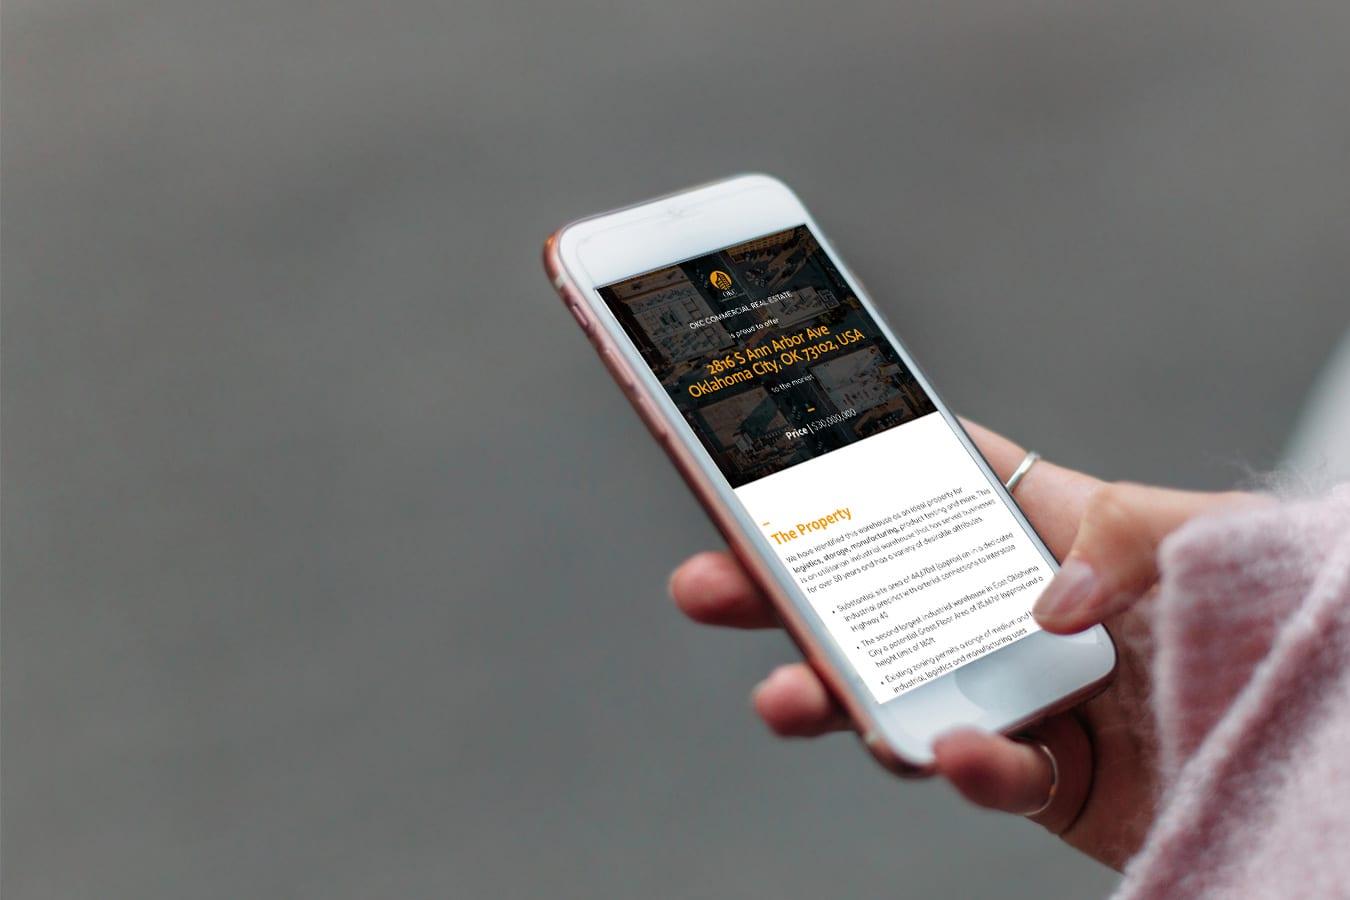 mobile-commercial-real-estate-information-brochure